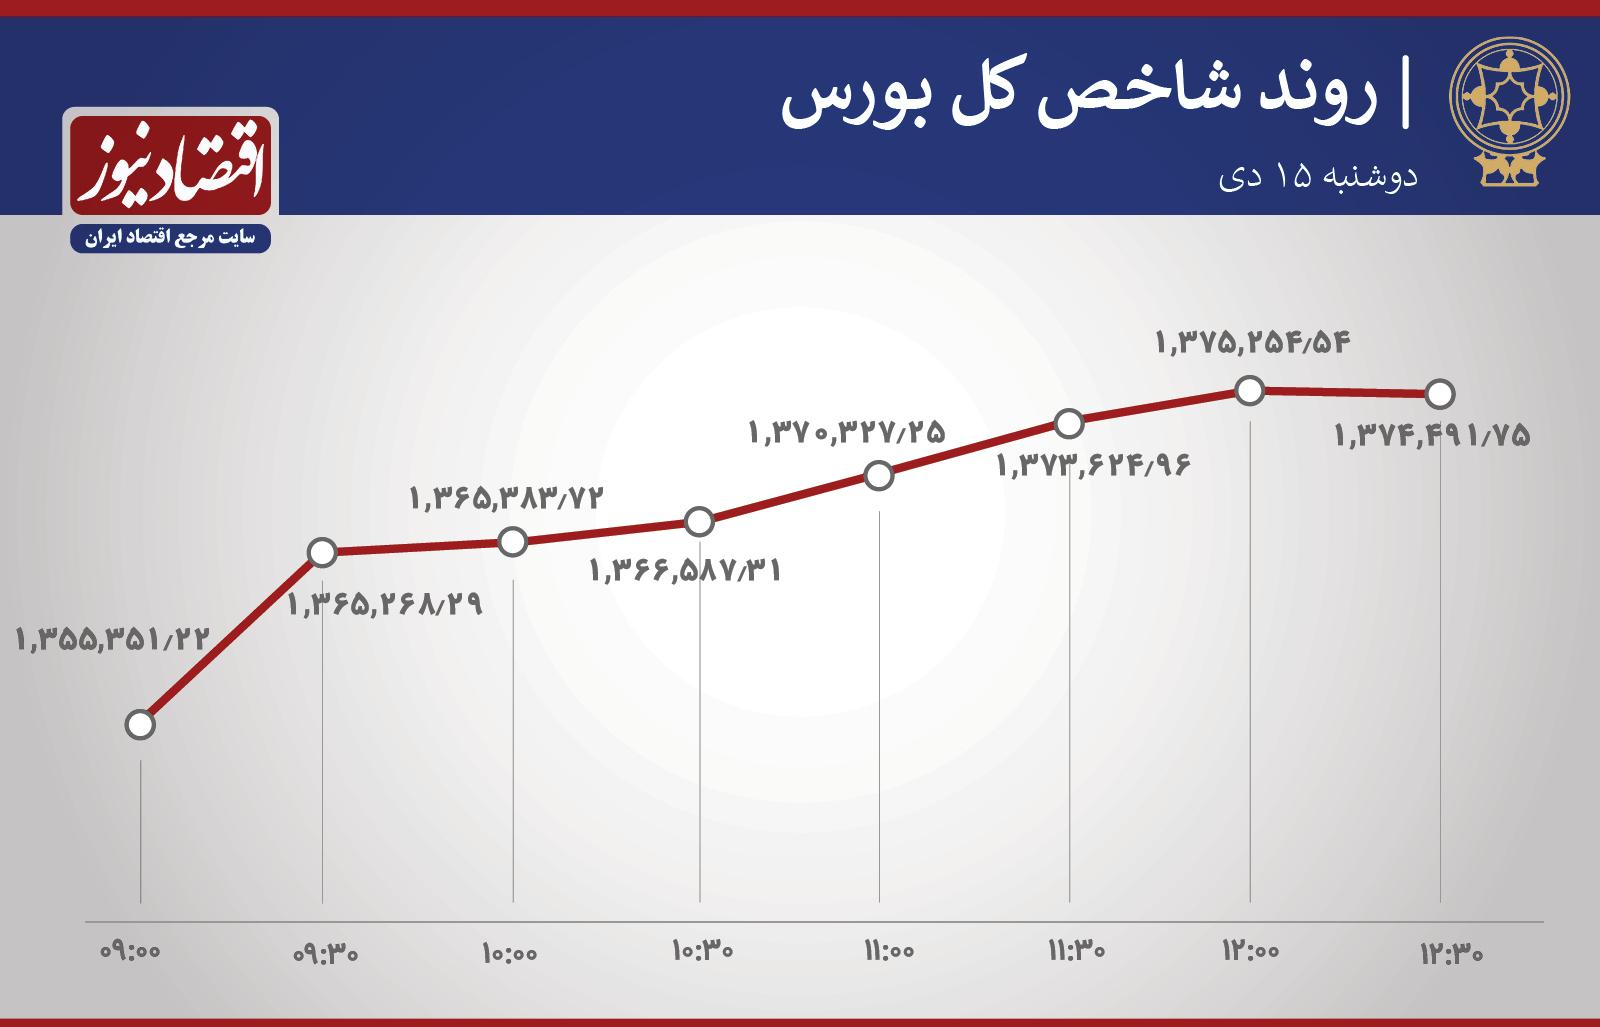 رشد ۶۸ درصد بورسیها + نمودار